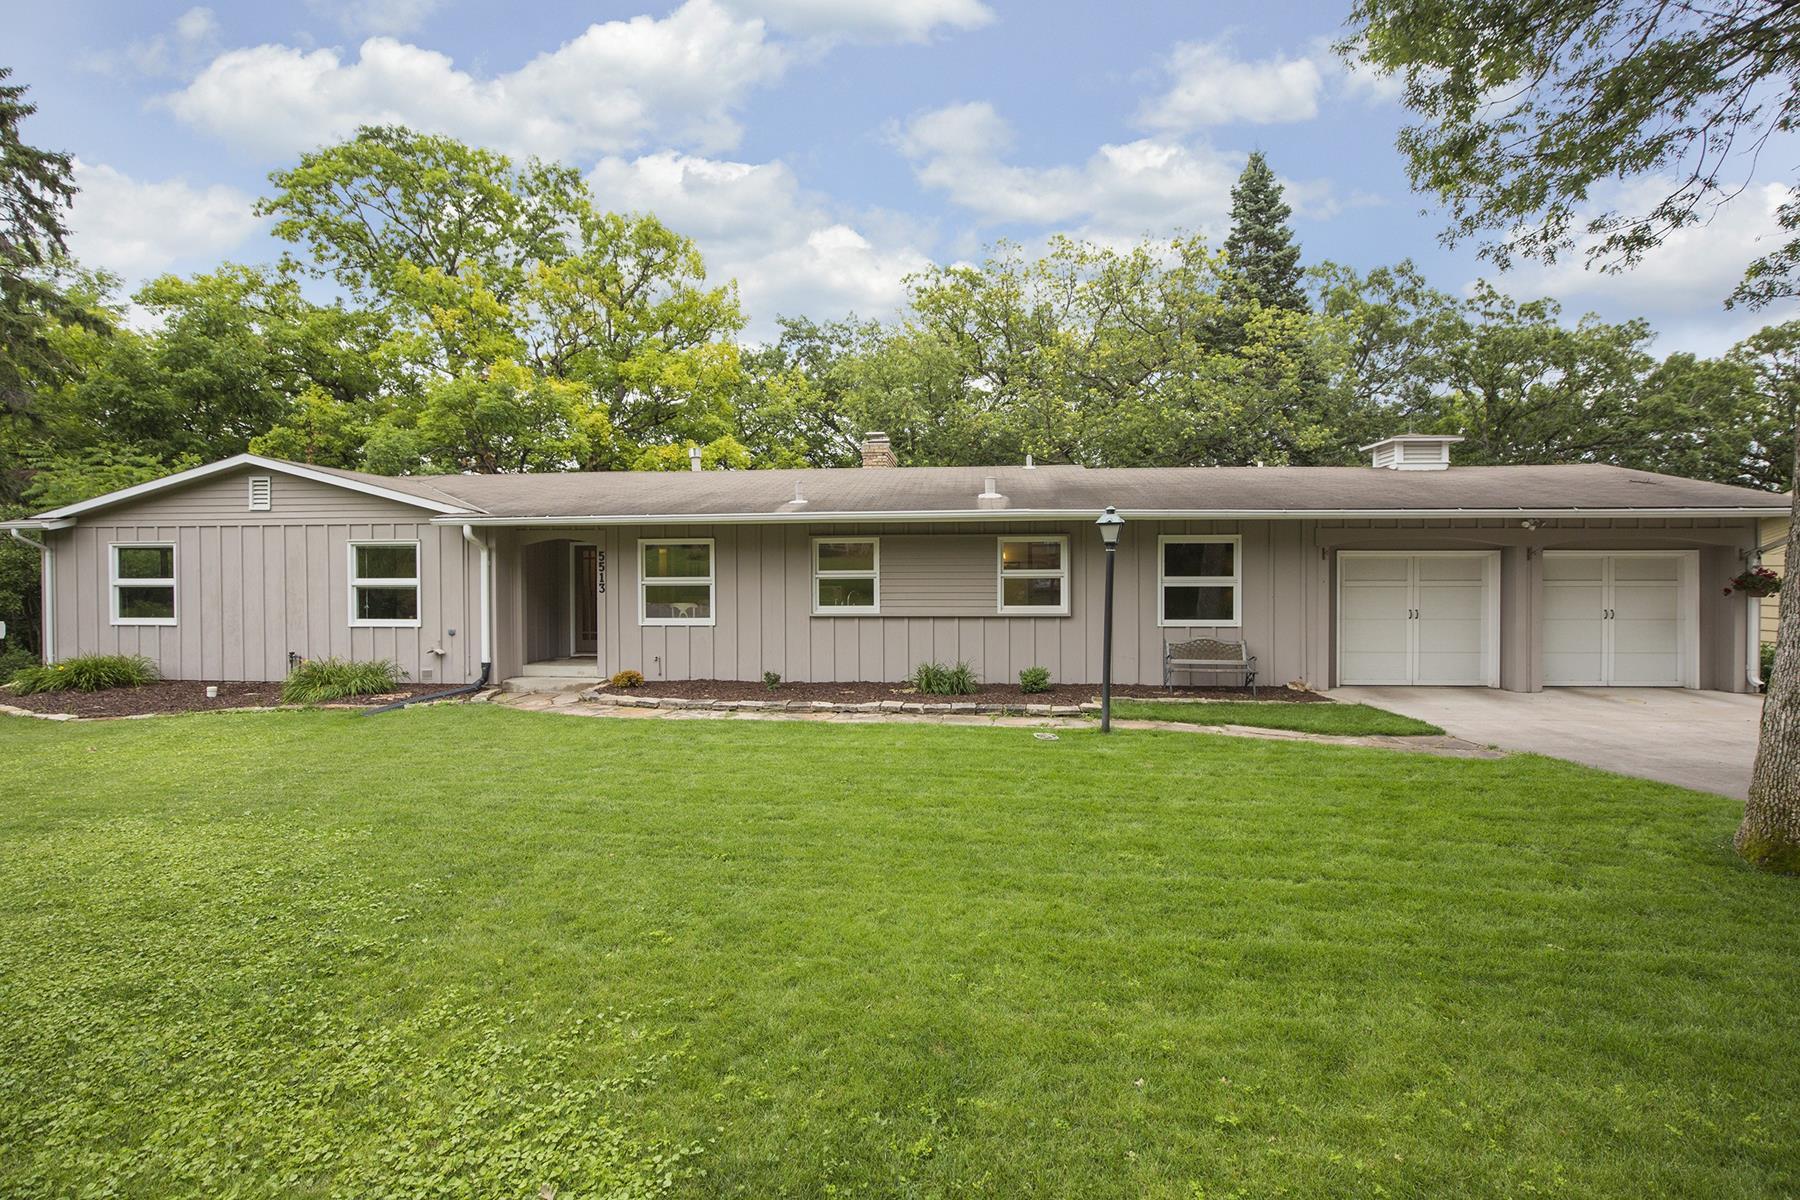 獨棟家庭住宅 為 出售 在 5513 Highwood Drive Edina, 明尼蘇達州 55436 美國